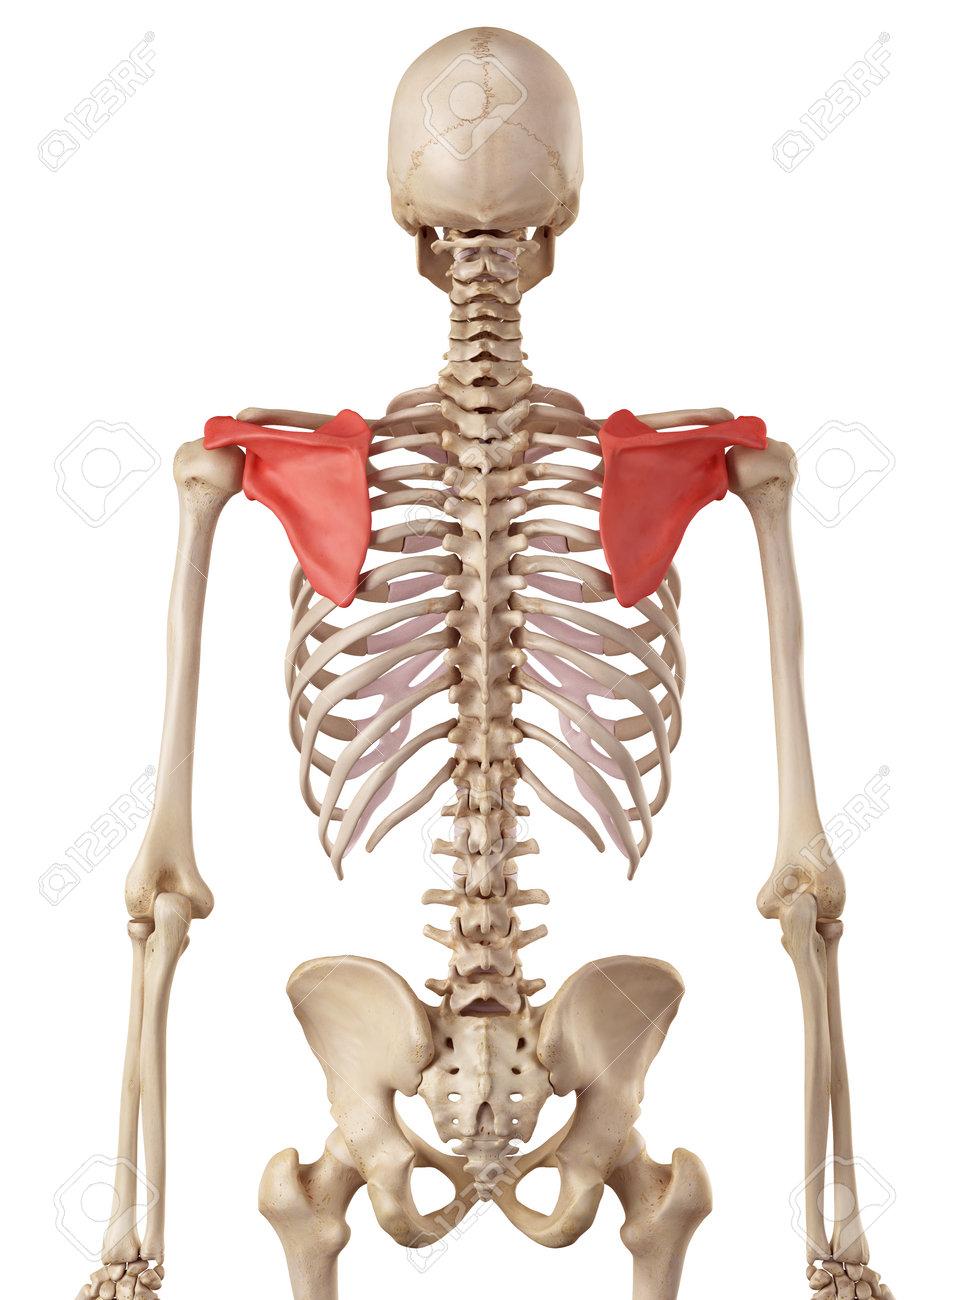 肩甲骨の医療の正確なイラスト の写真素材・画像素材 Image 42458921.